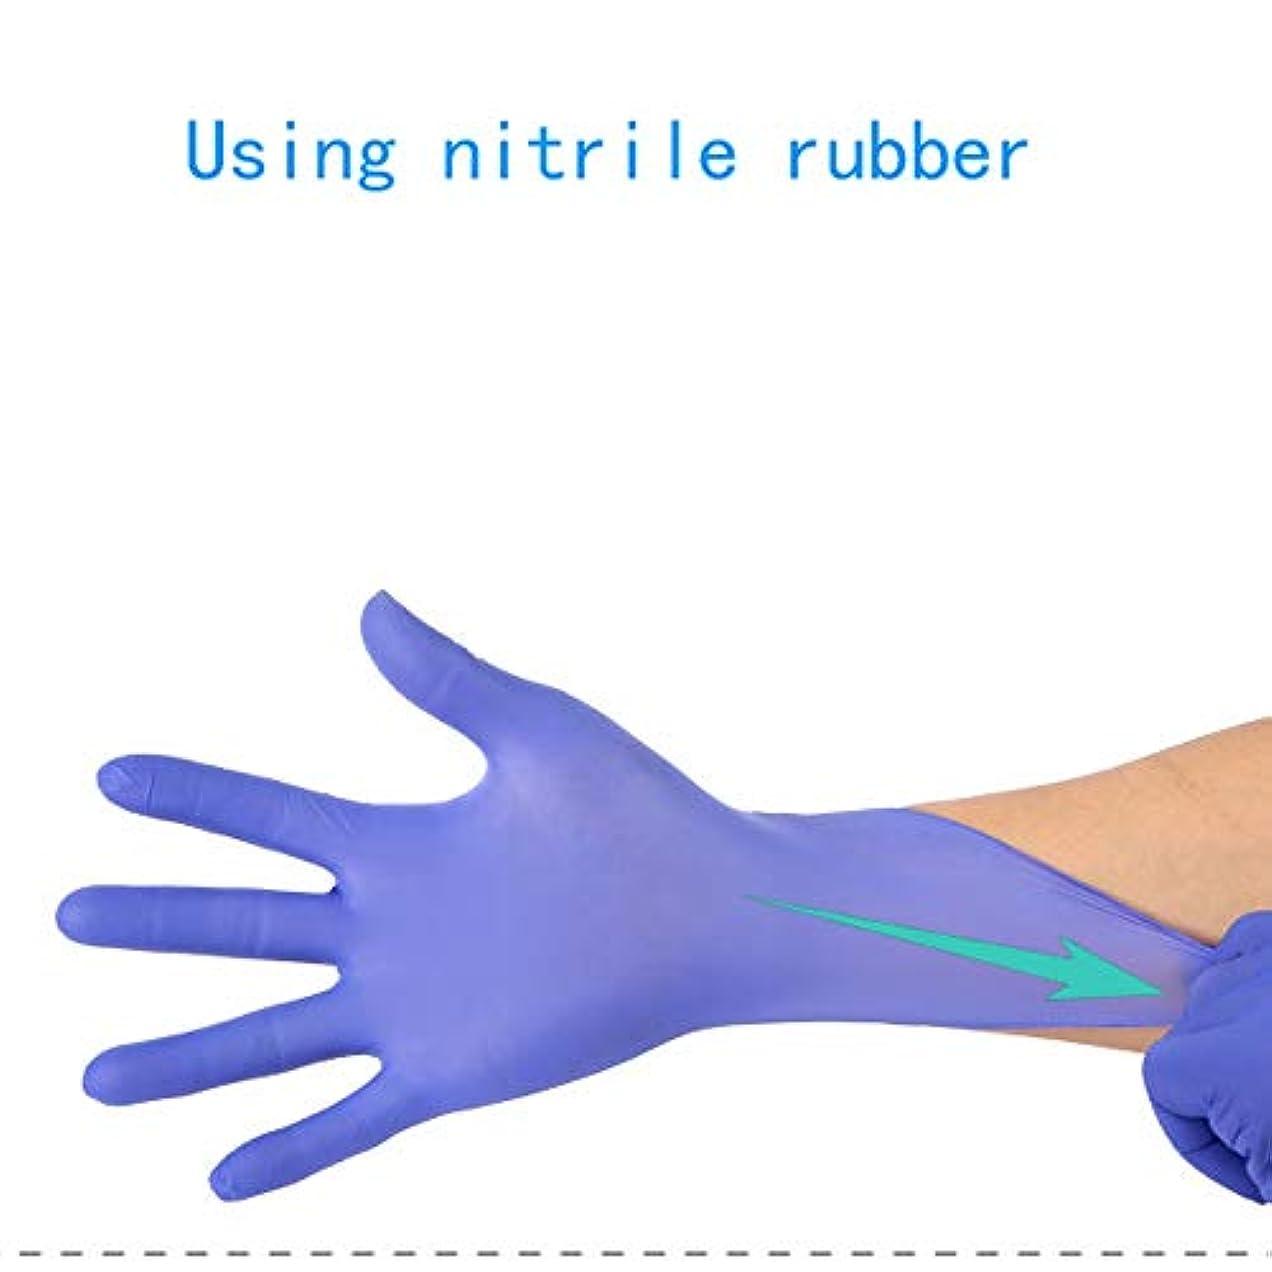 演じるアブストラクト襟ニトリル医療グレード試験用手袋、使い捨て、ラテックスフリー、100カウント、滅菌済み使い捨て安全手袋 (Color : Purple, Size : L)